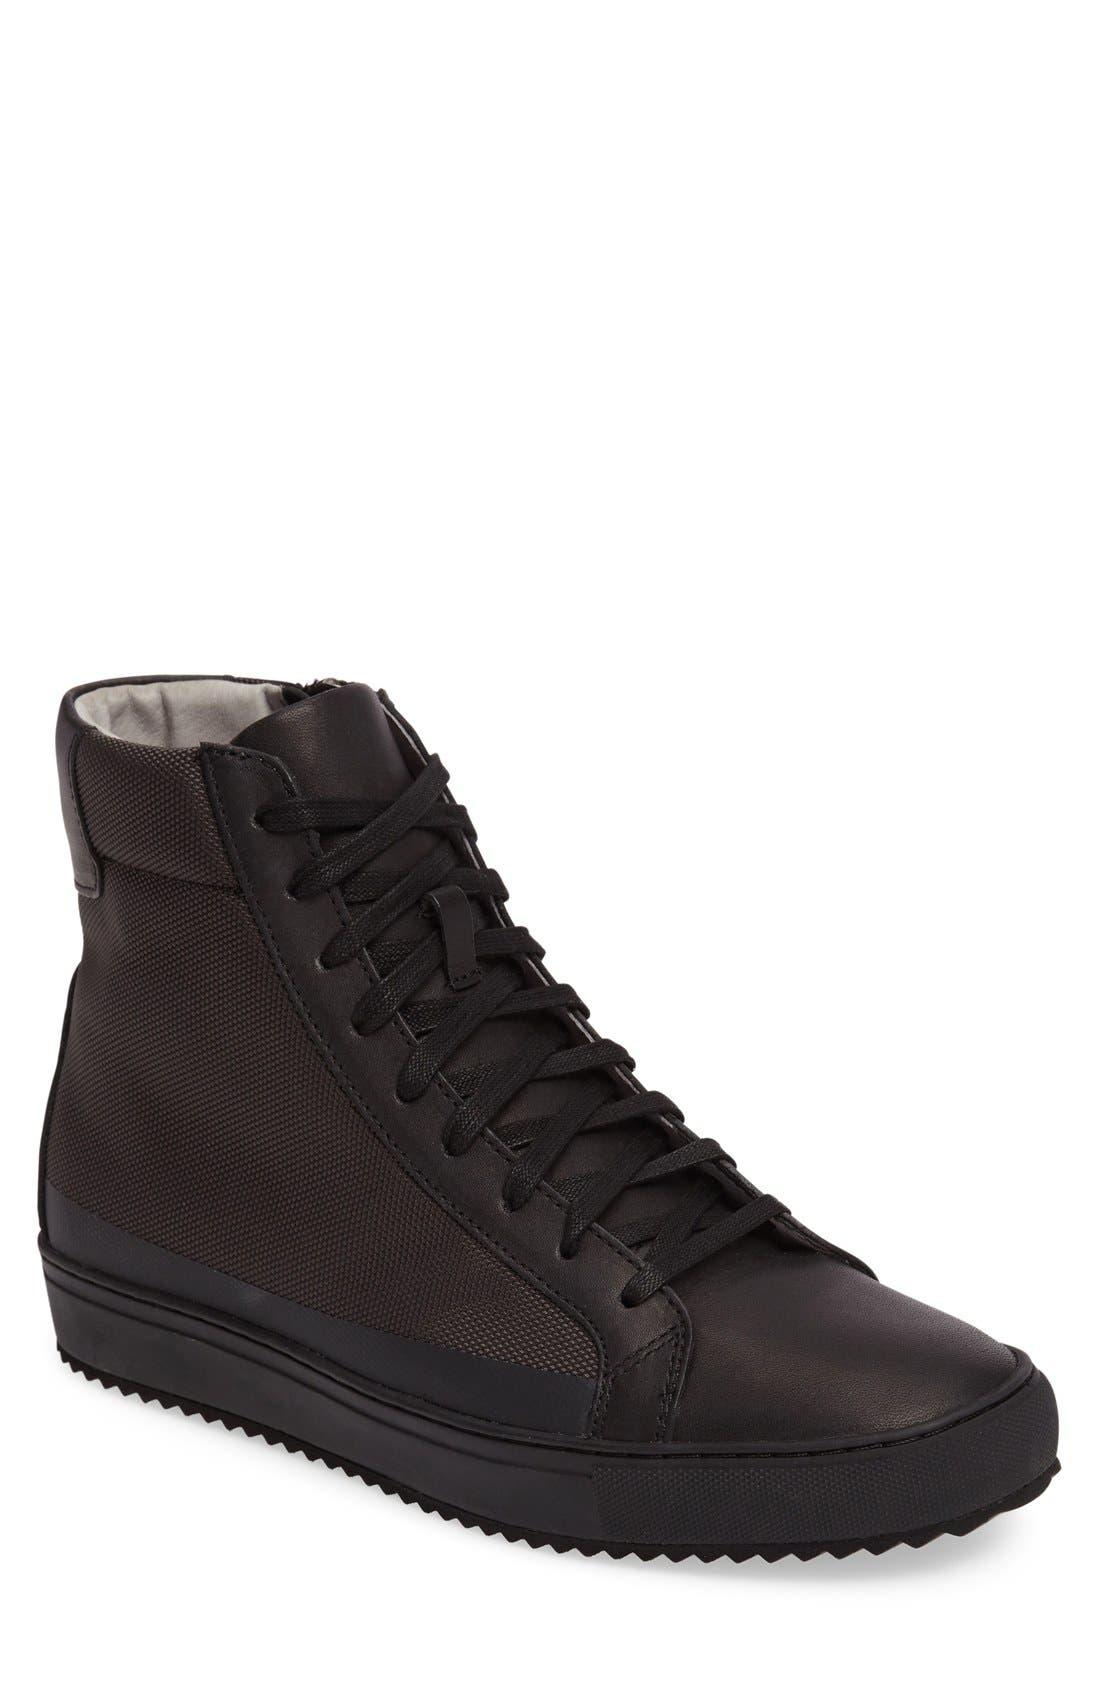 Logan Water Resistant High Top Sneaker,                             Main thumbnail 2, color,